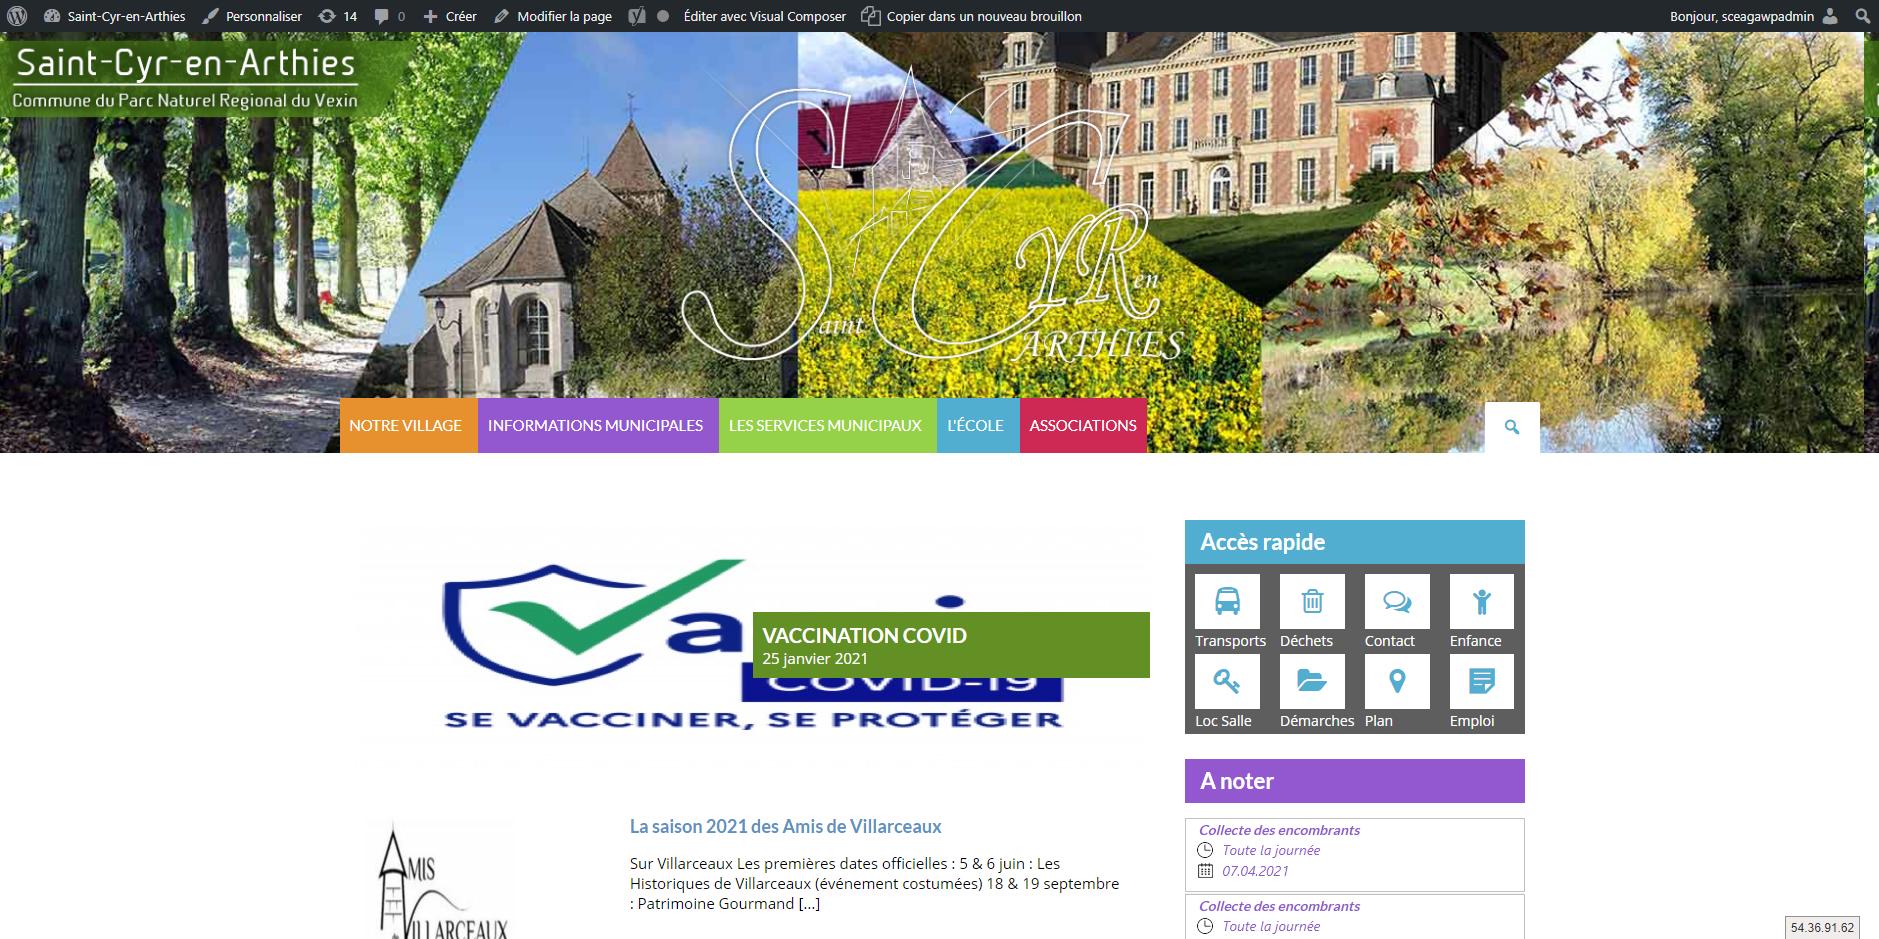 site de Saint-Cyr-en-Arthies